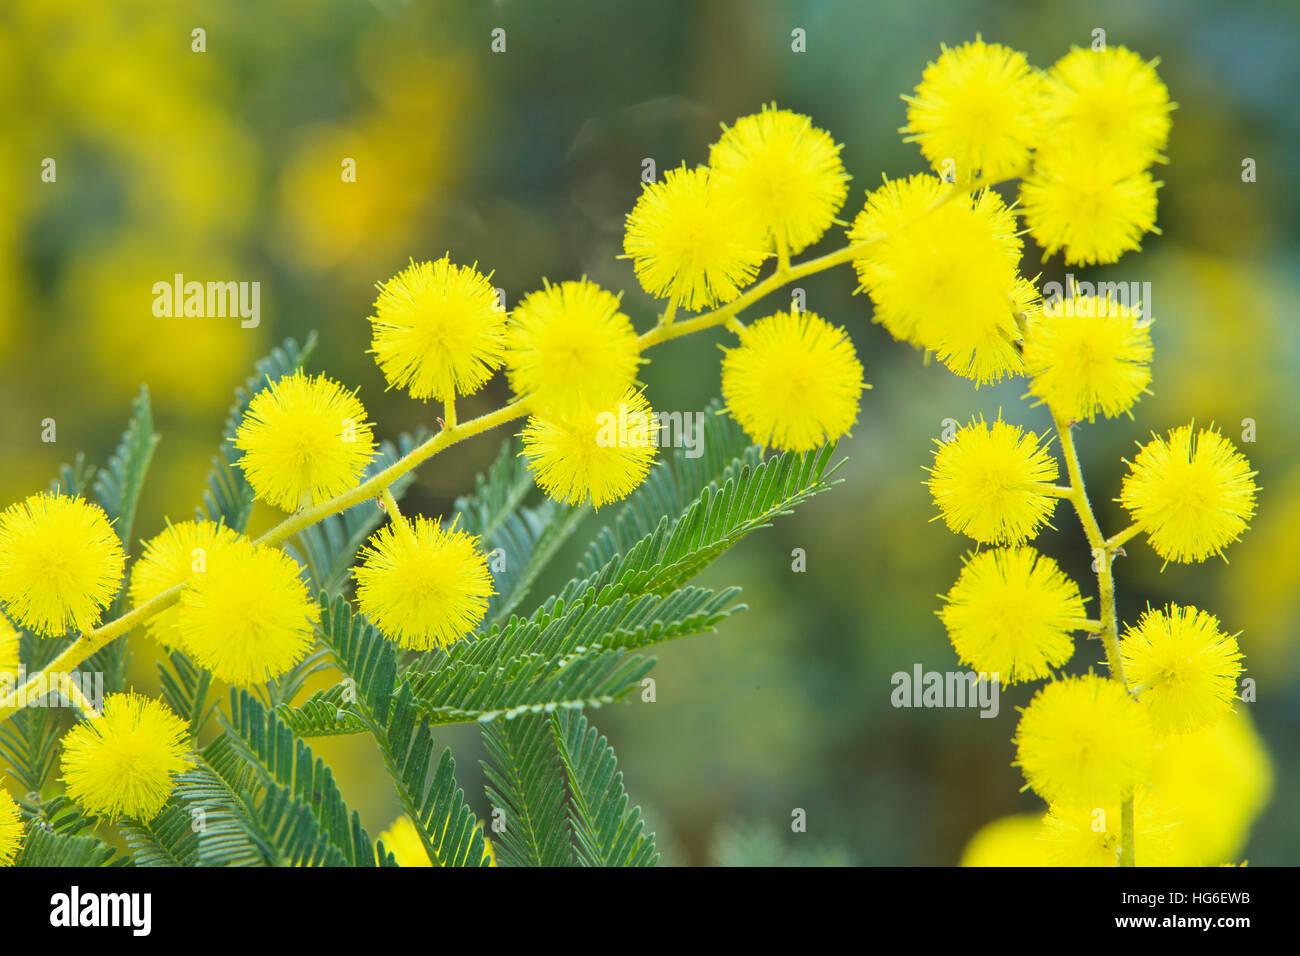 Silver Wattle Or Mimosa Le Gaulois Astier Acacia Dealbata Stock